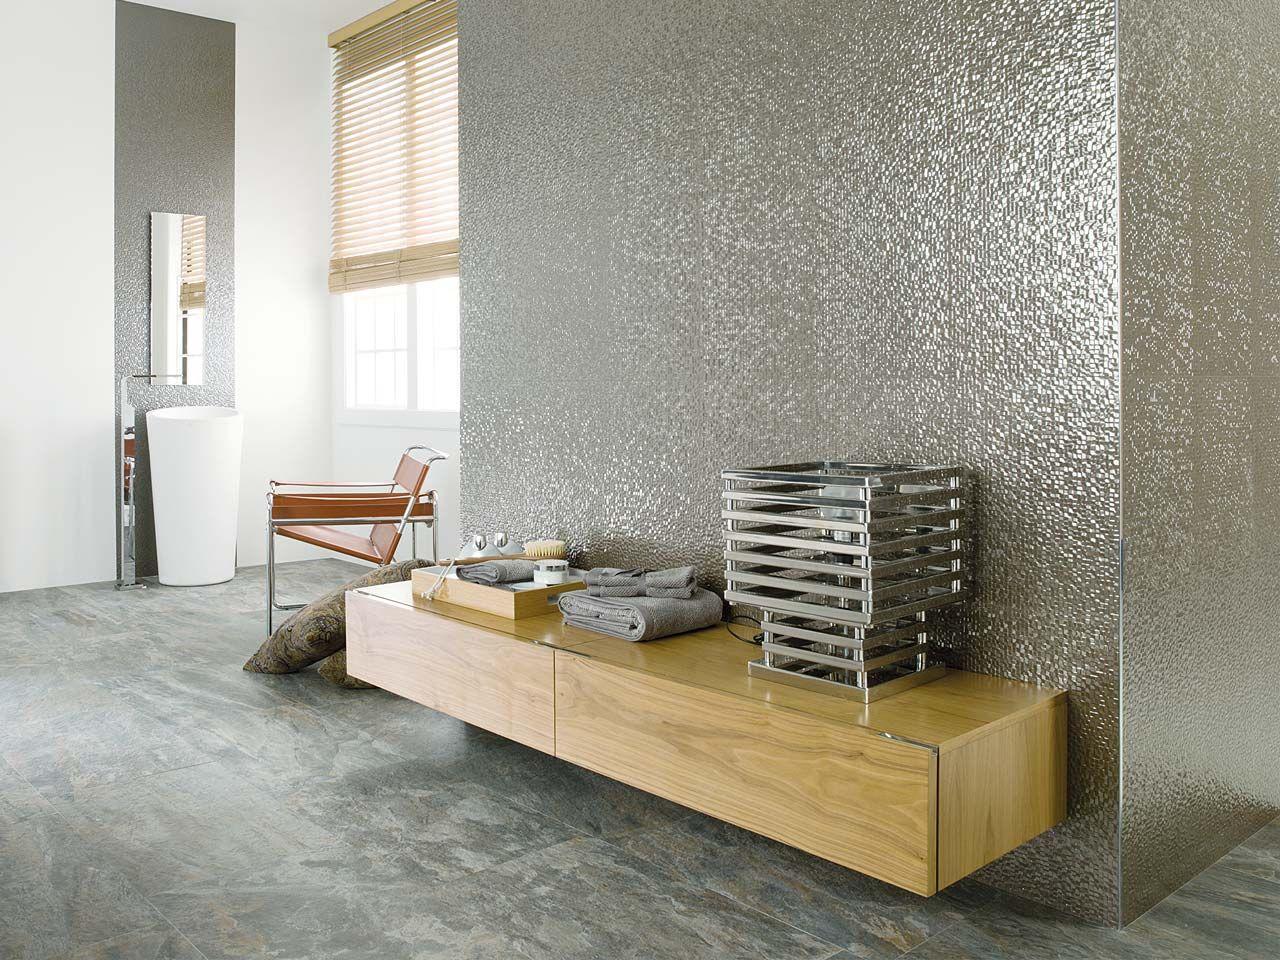 Cubica Silver Design Tiles Wall Tiles Shower Tile Designs Modern Bathroom Tile